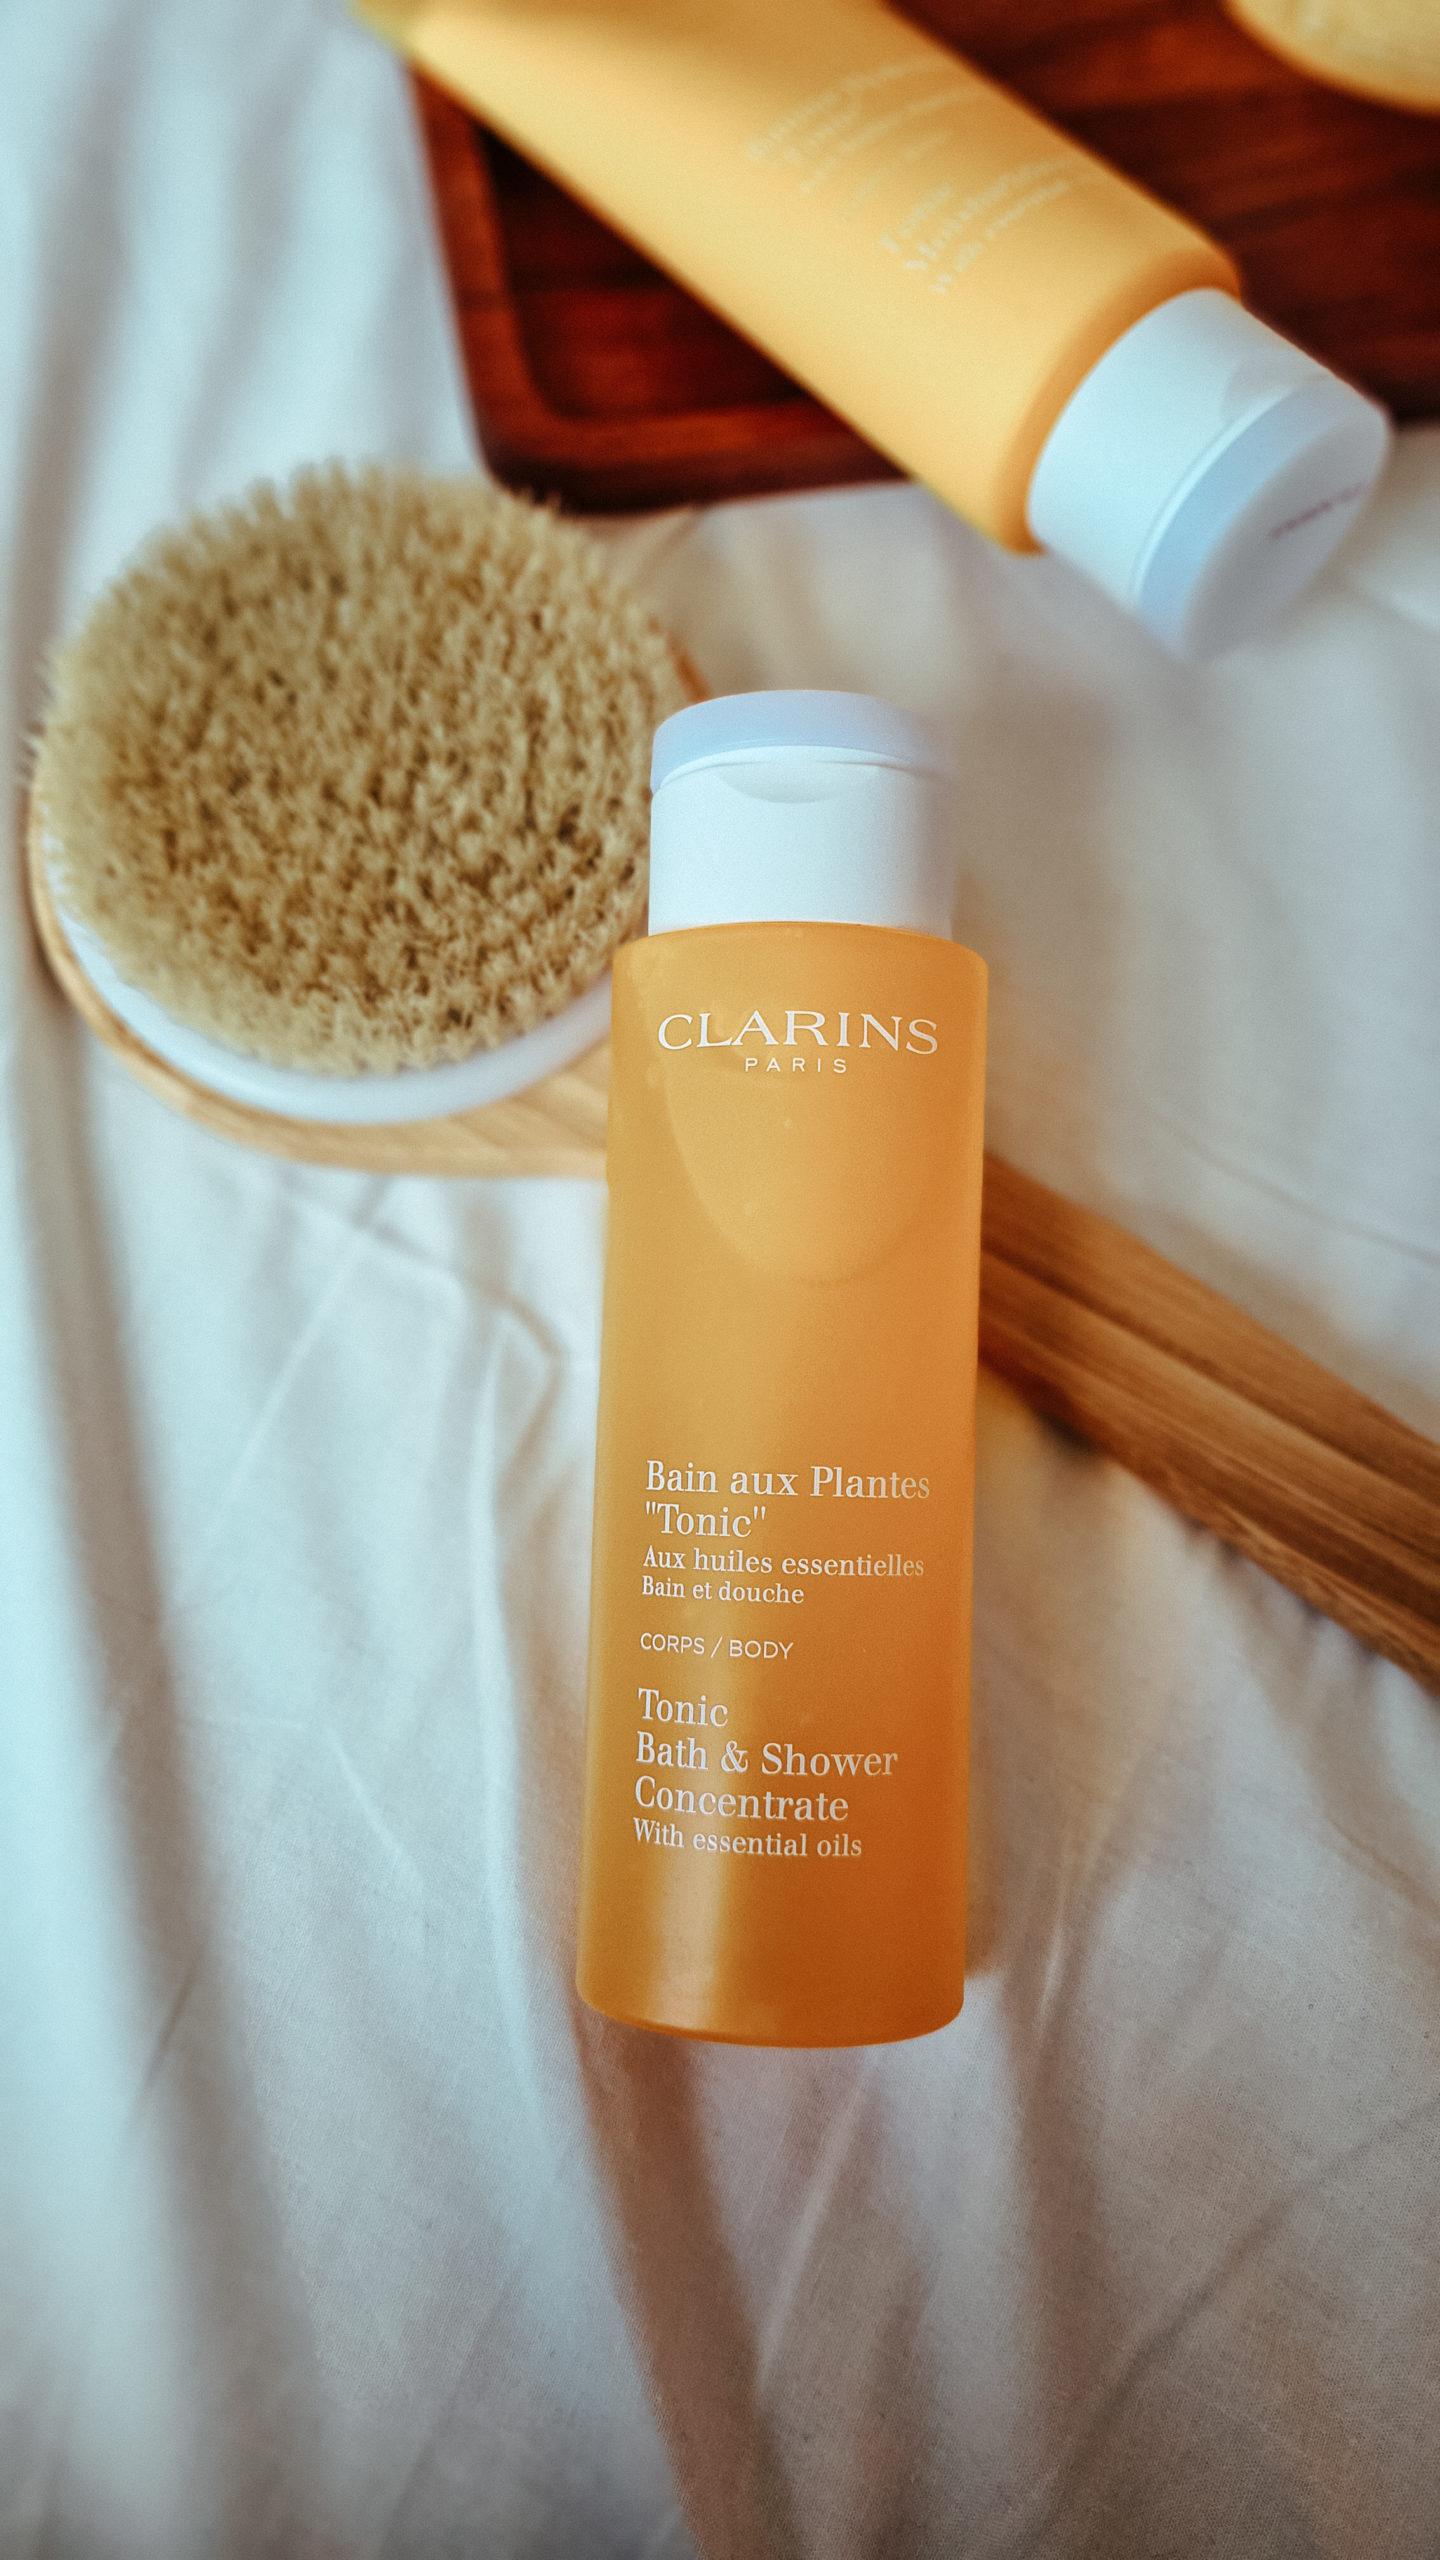 bain aux plantes tonic clarins